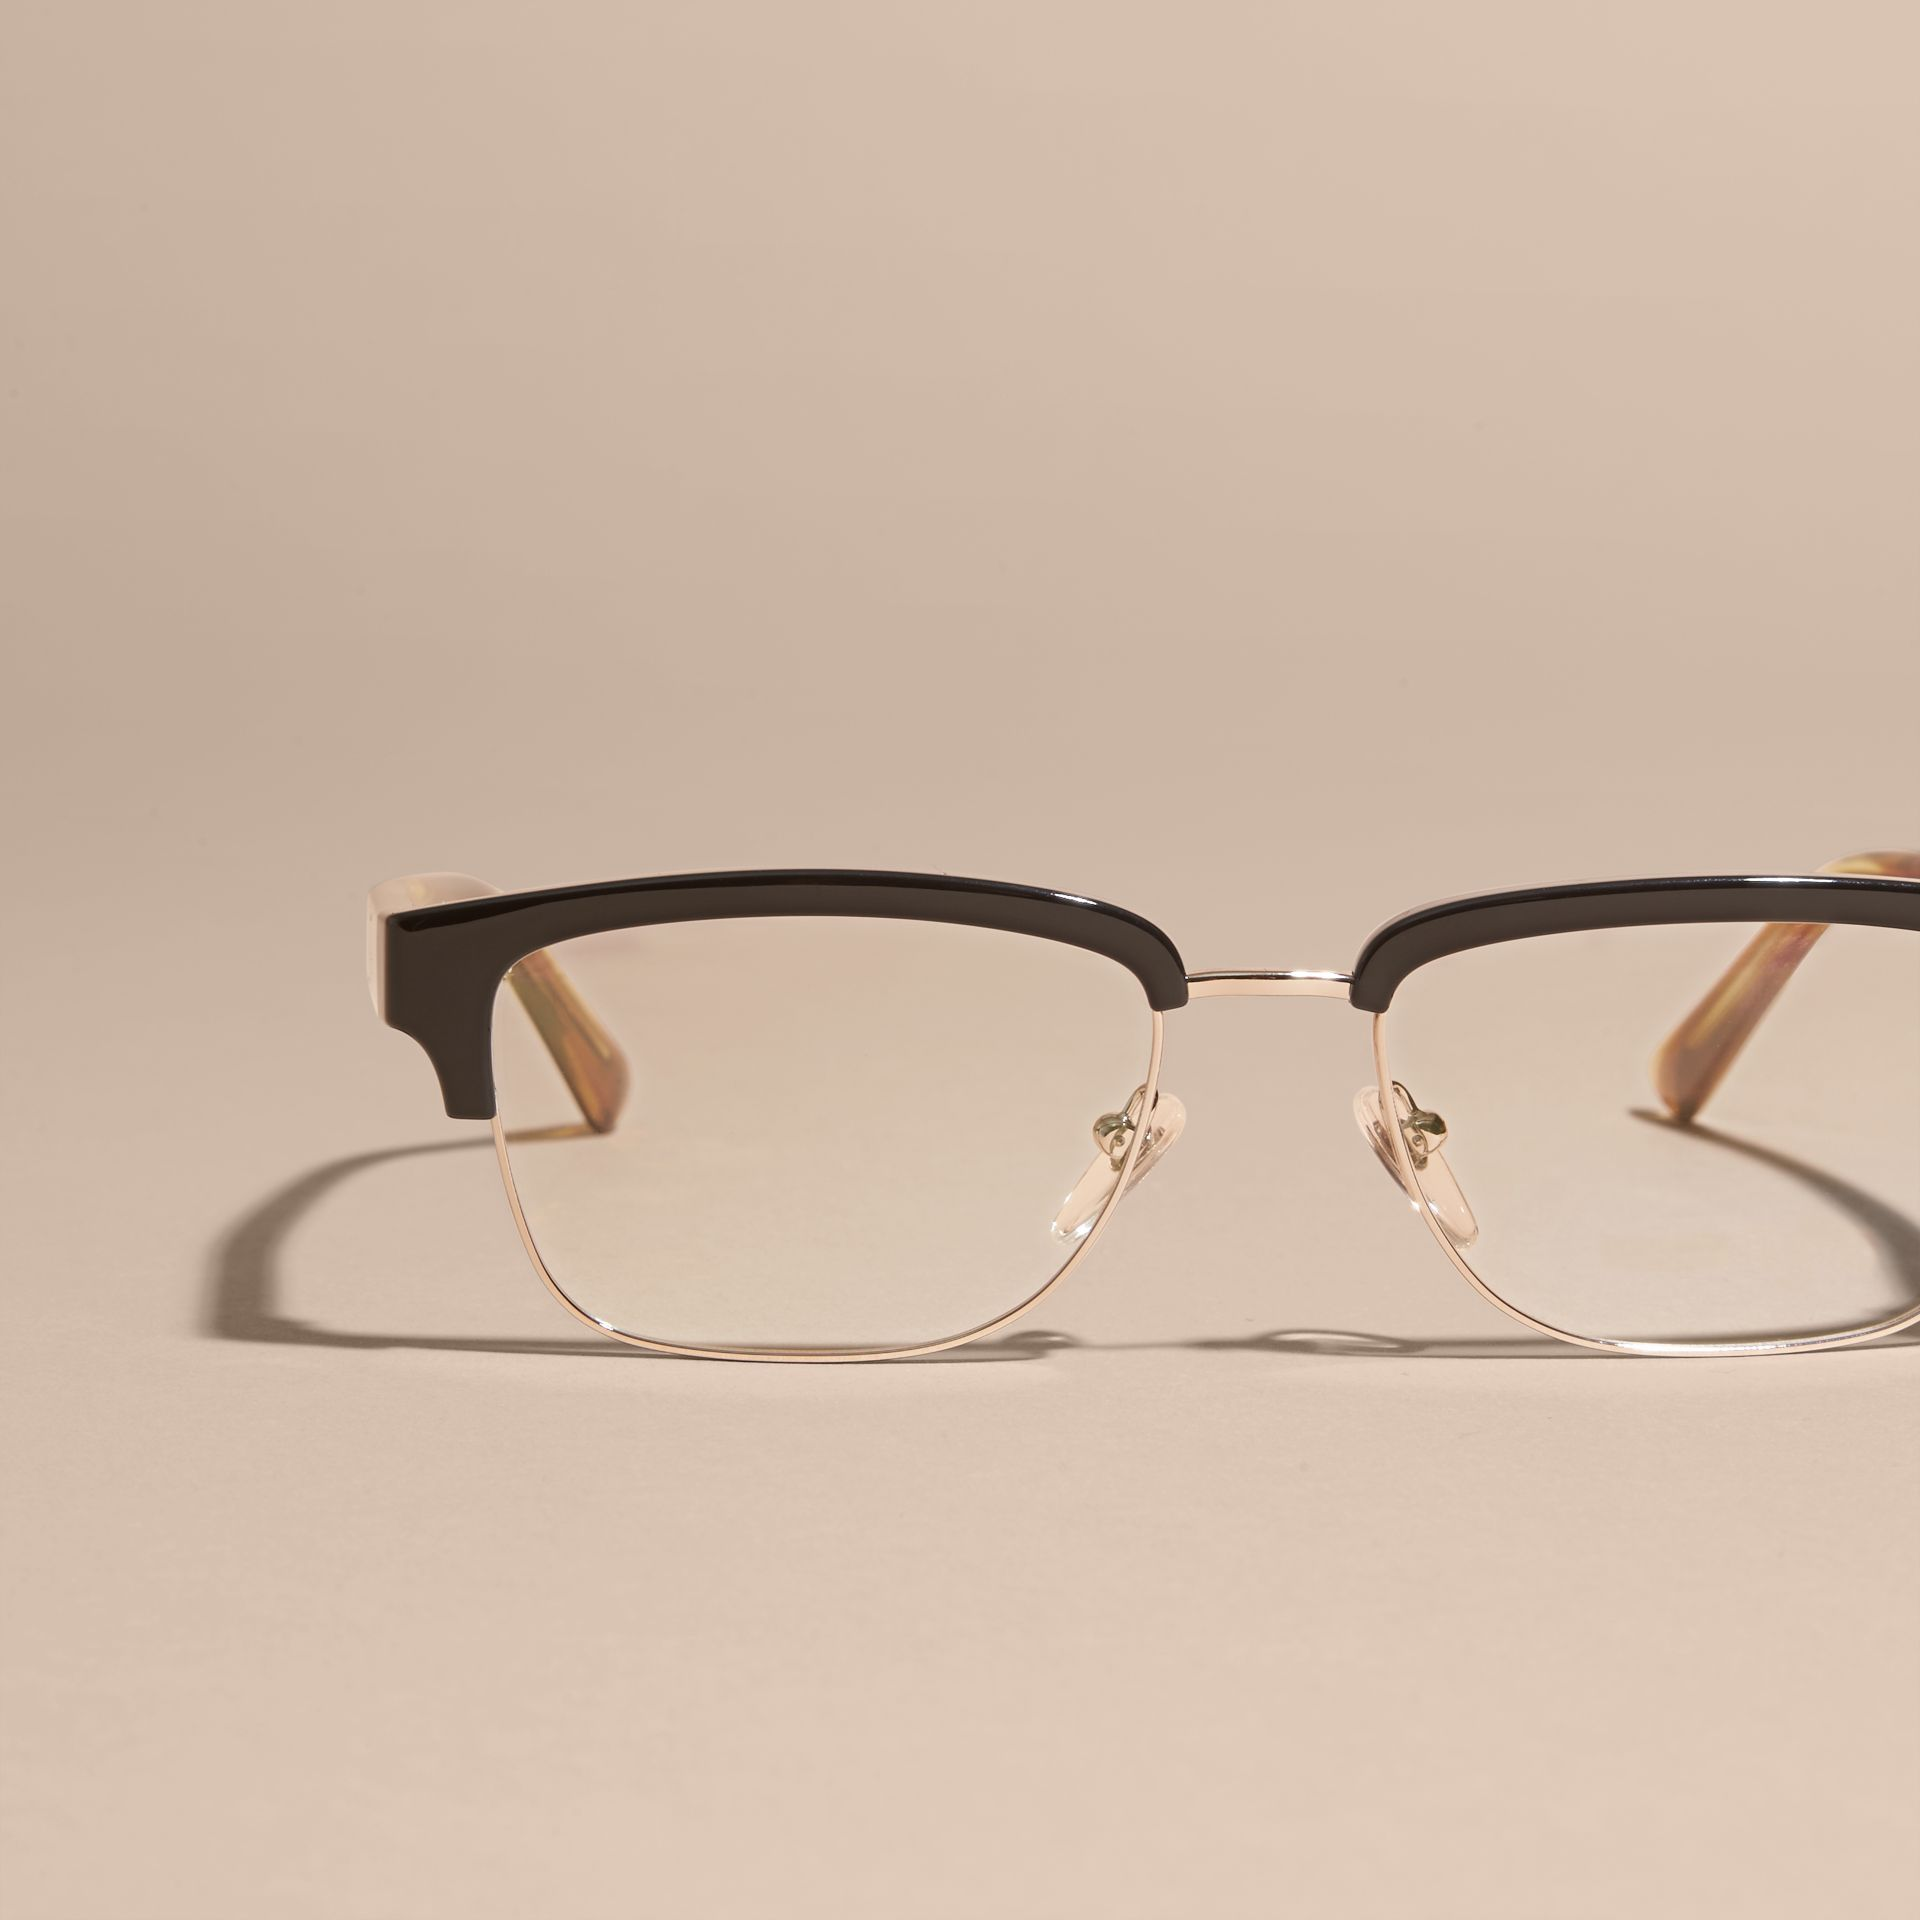 Burberry Half Frame Glasses : Half-rimmed Oval Optical Frames Black Burberry